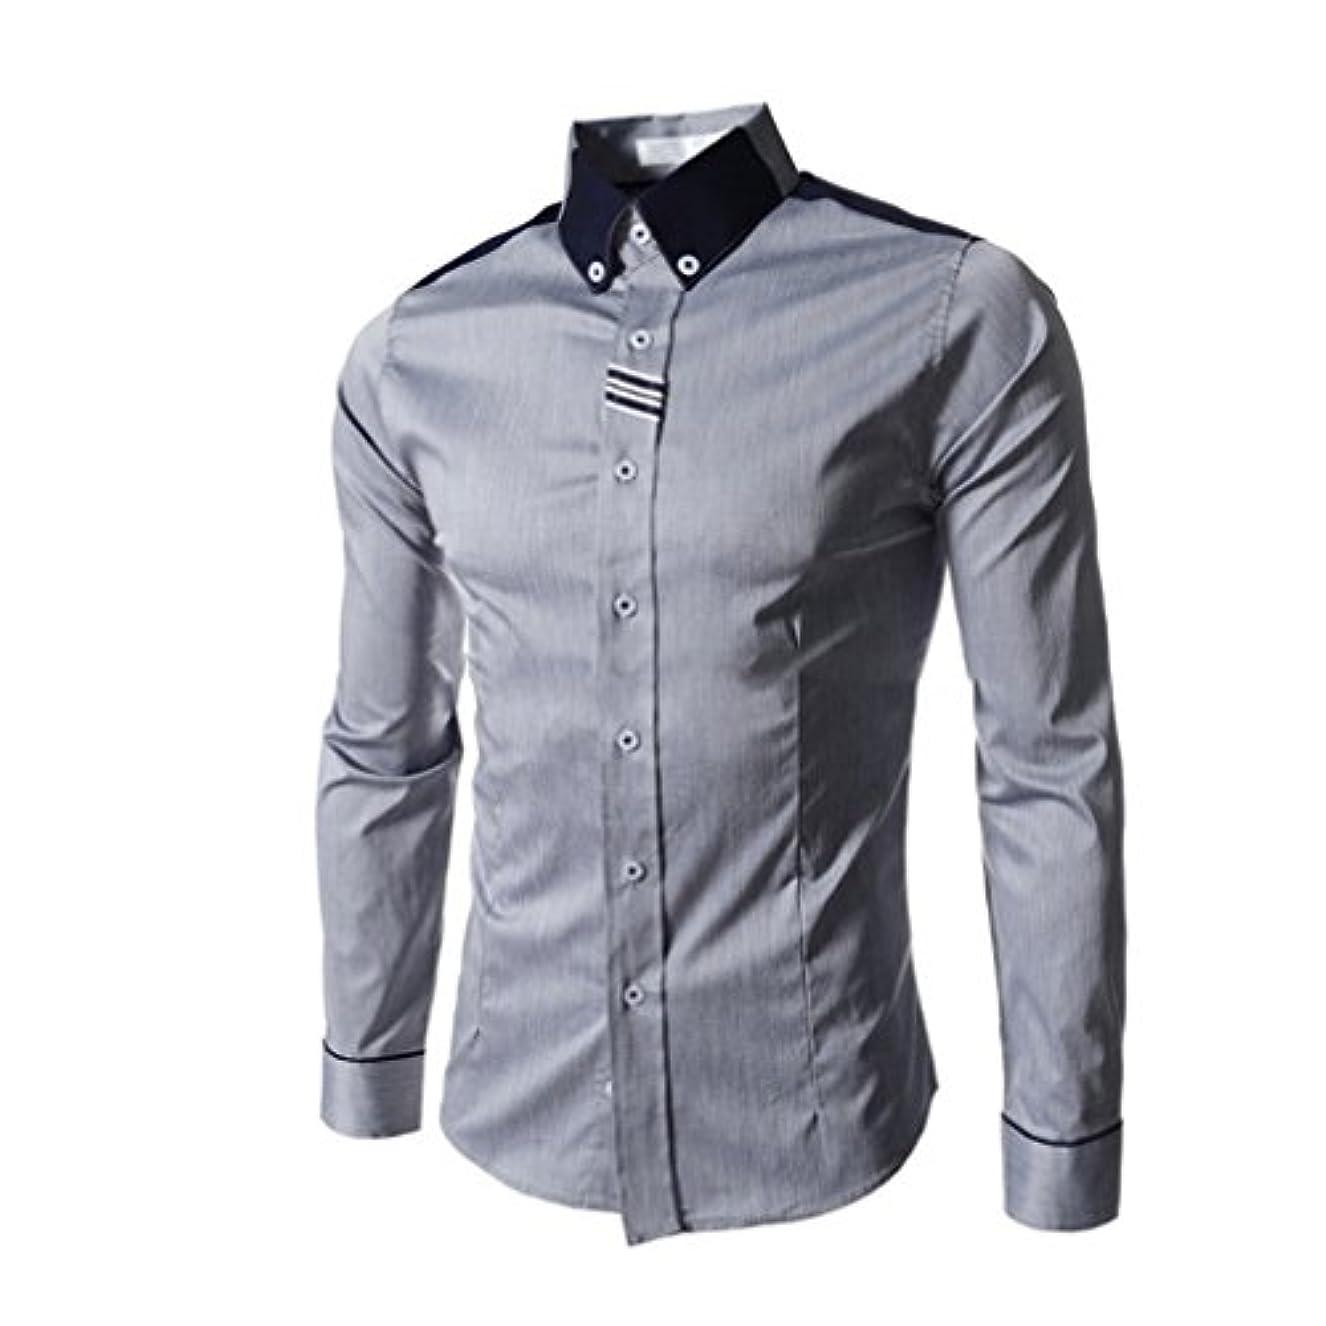 マークされたフォージ名前でHonghu メンズ シャツ 長袖 織テープ  グレー 2XL 1PC